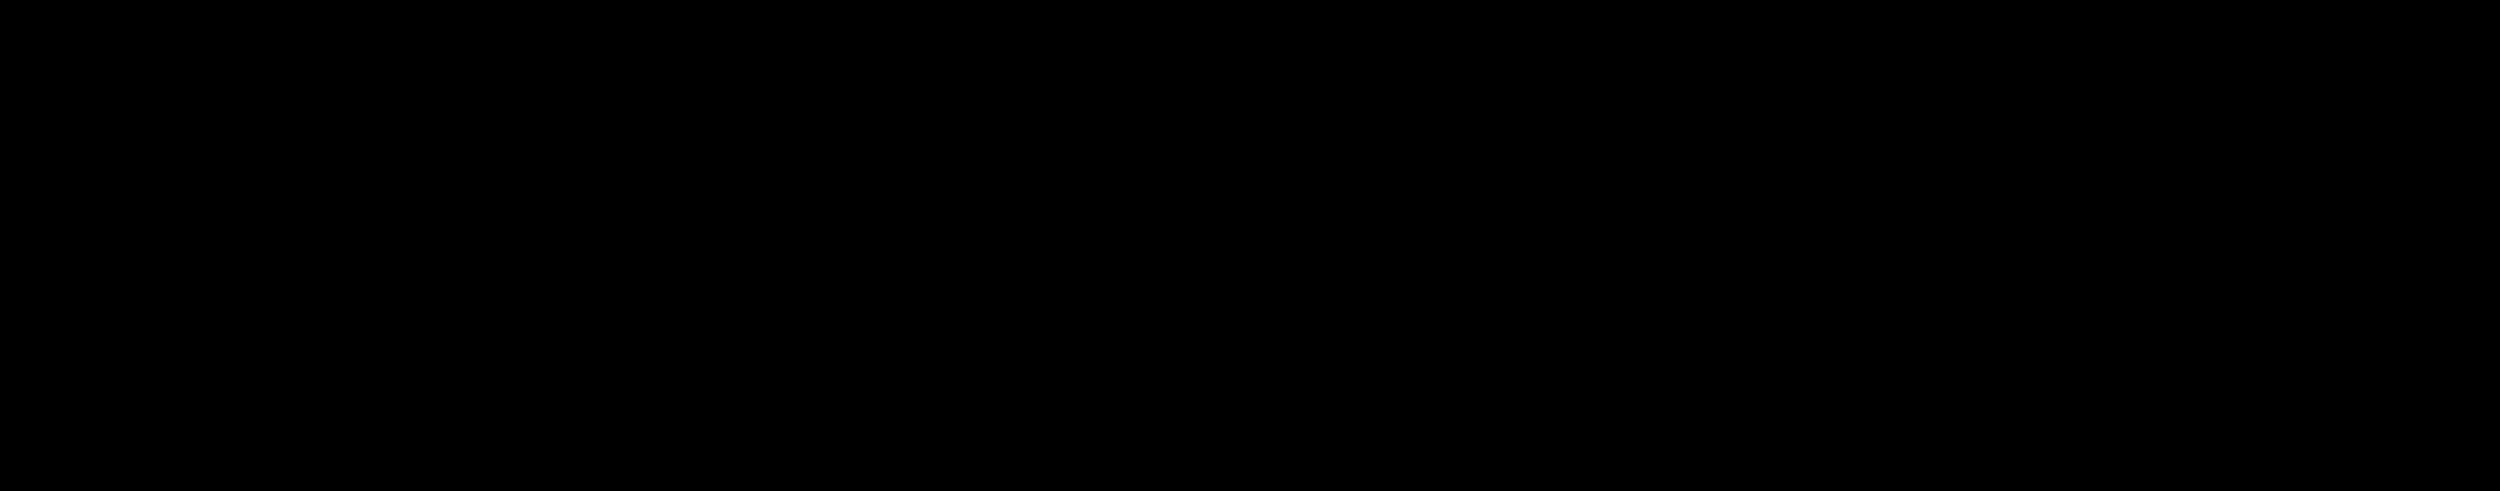 indigo-v3.png